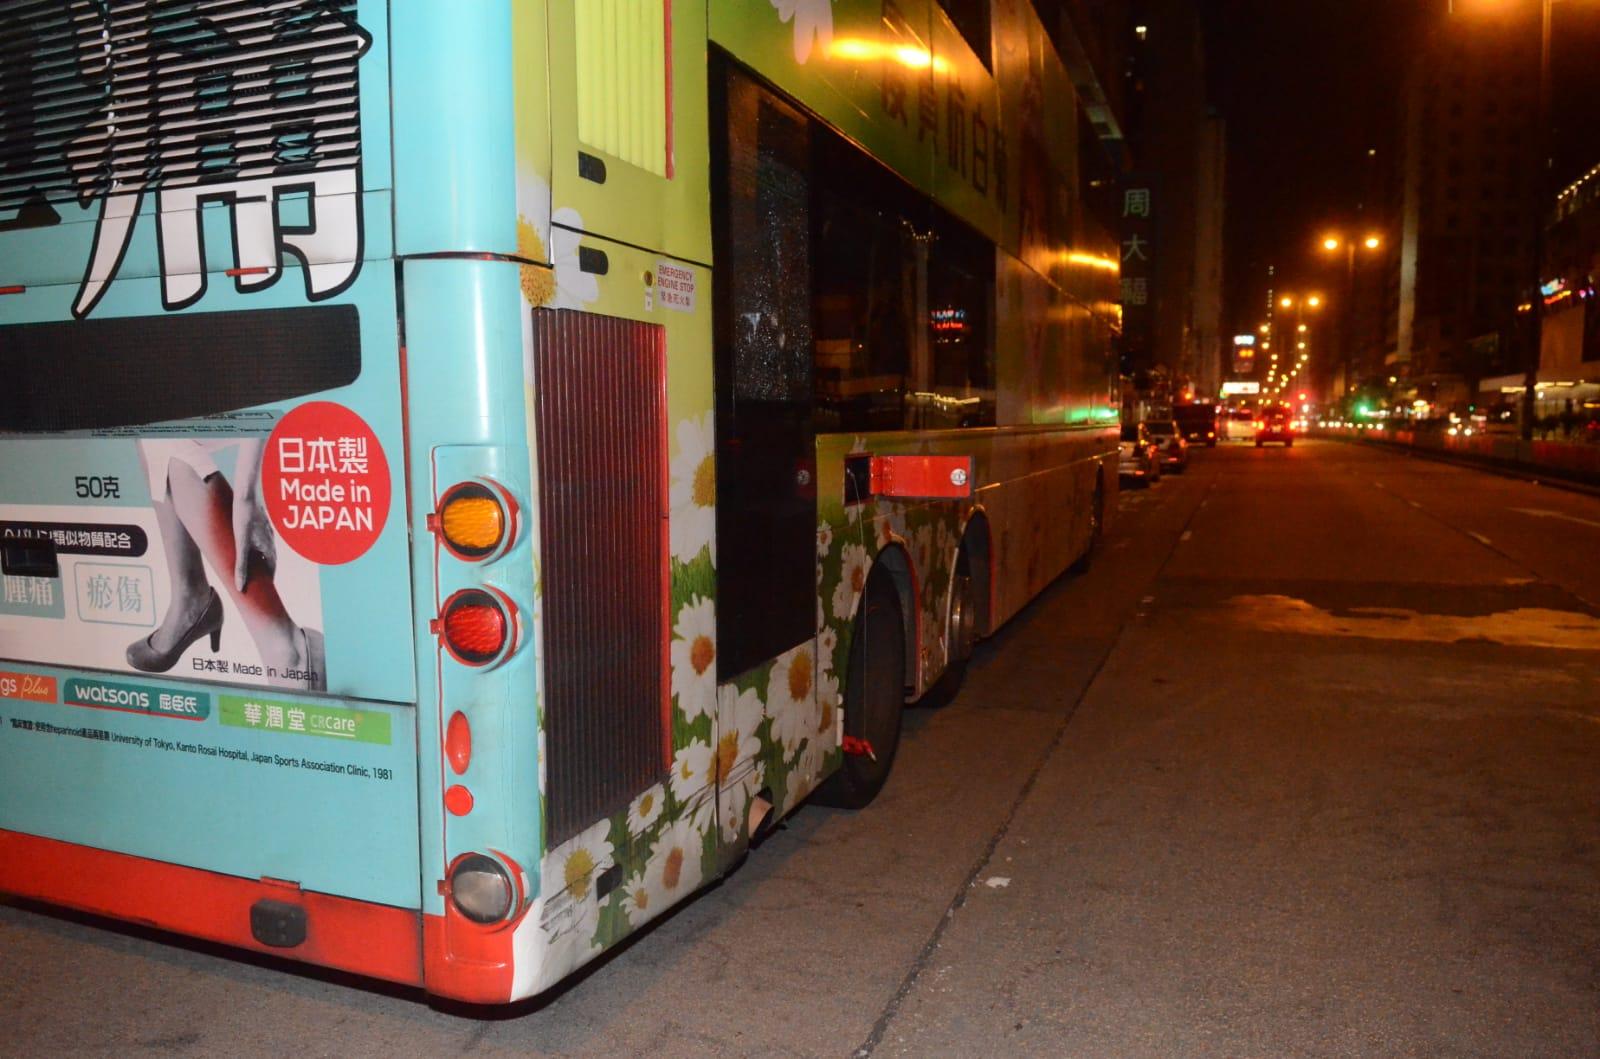 一輛由紅磡開往青衣的N41X通宵巴士,被人在車內扑毀車尾一扇玻璃窗。